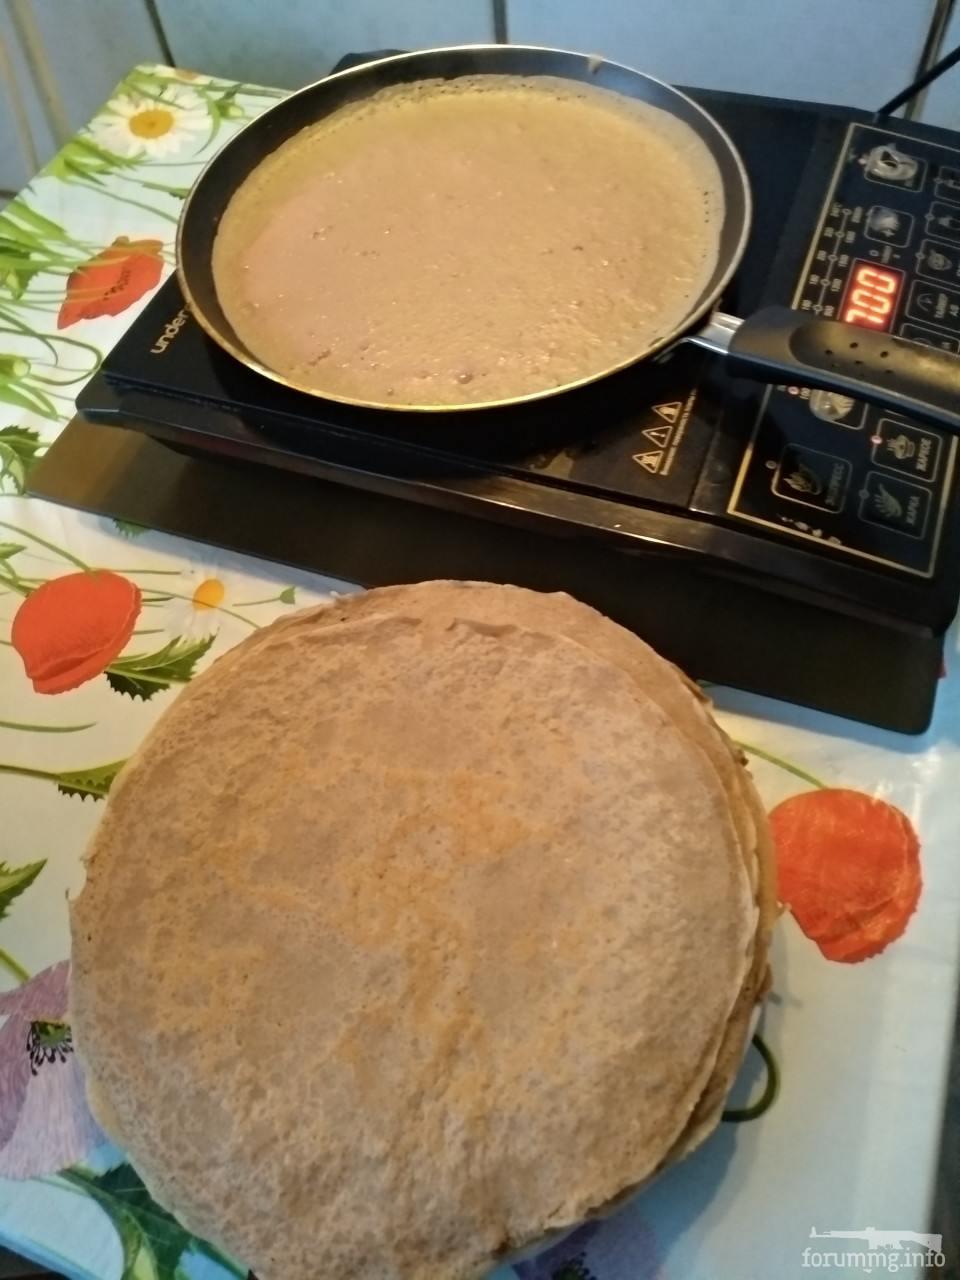 124670 - Закуски на огне (мангал, барбекю и т.д.) и кулинария вообще. Советы и рецепты.